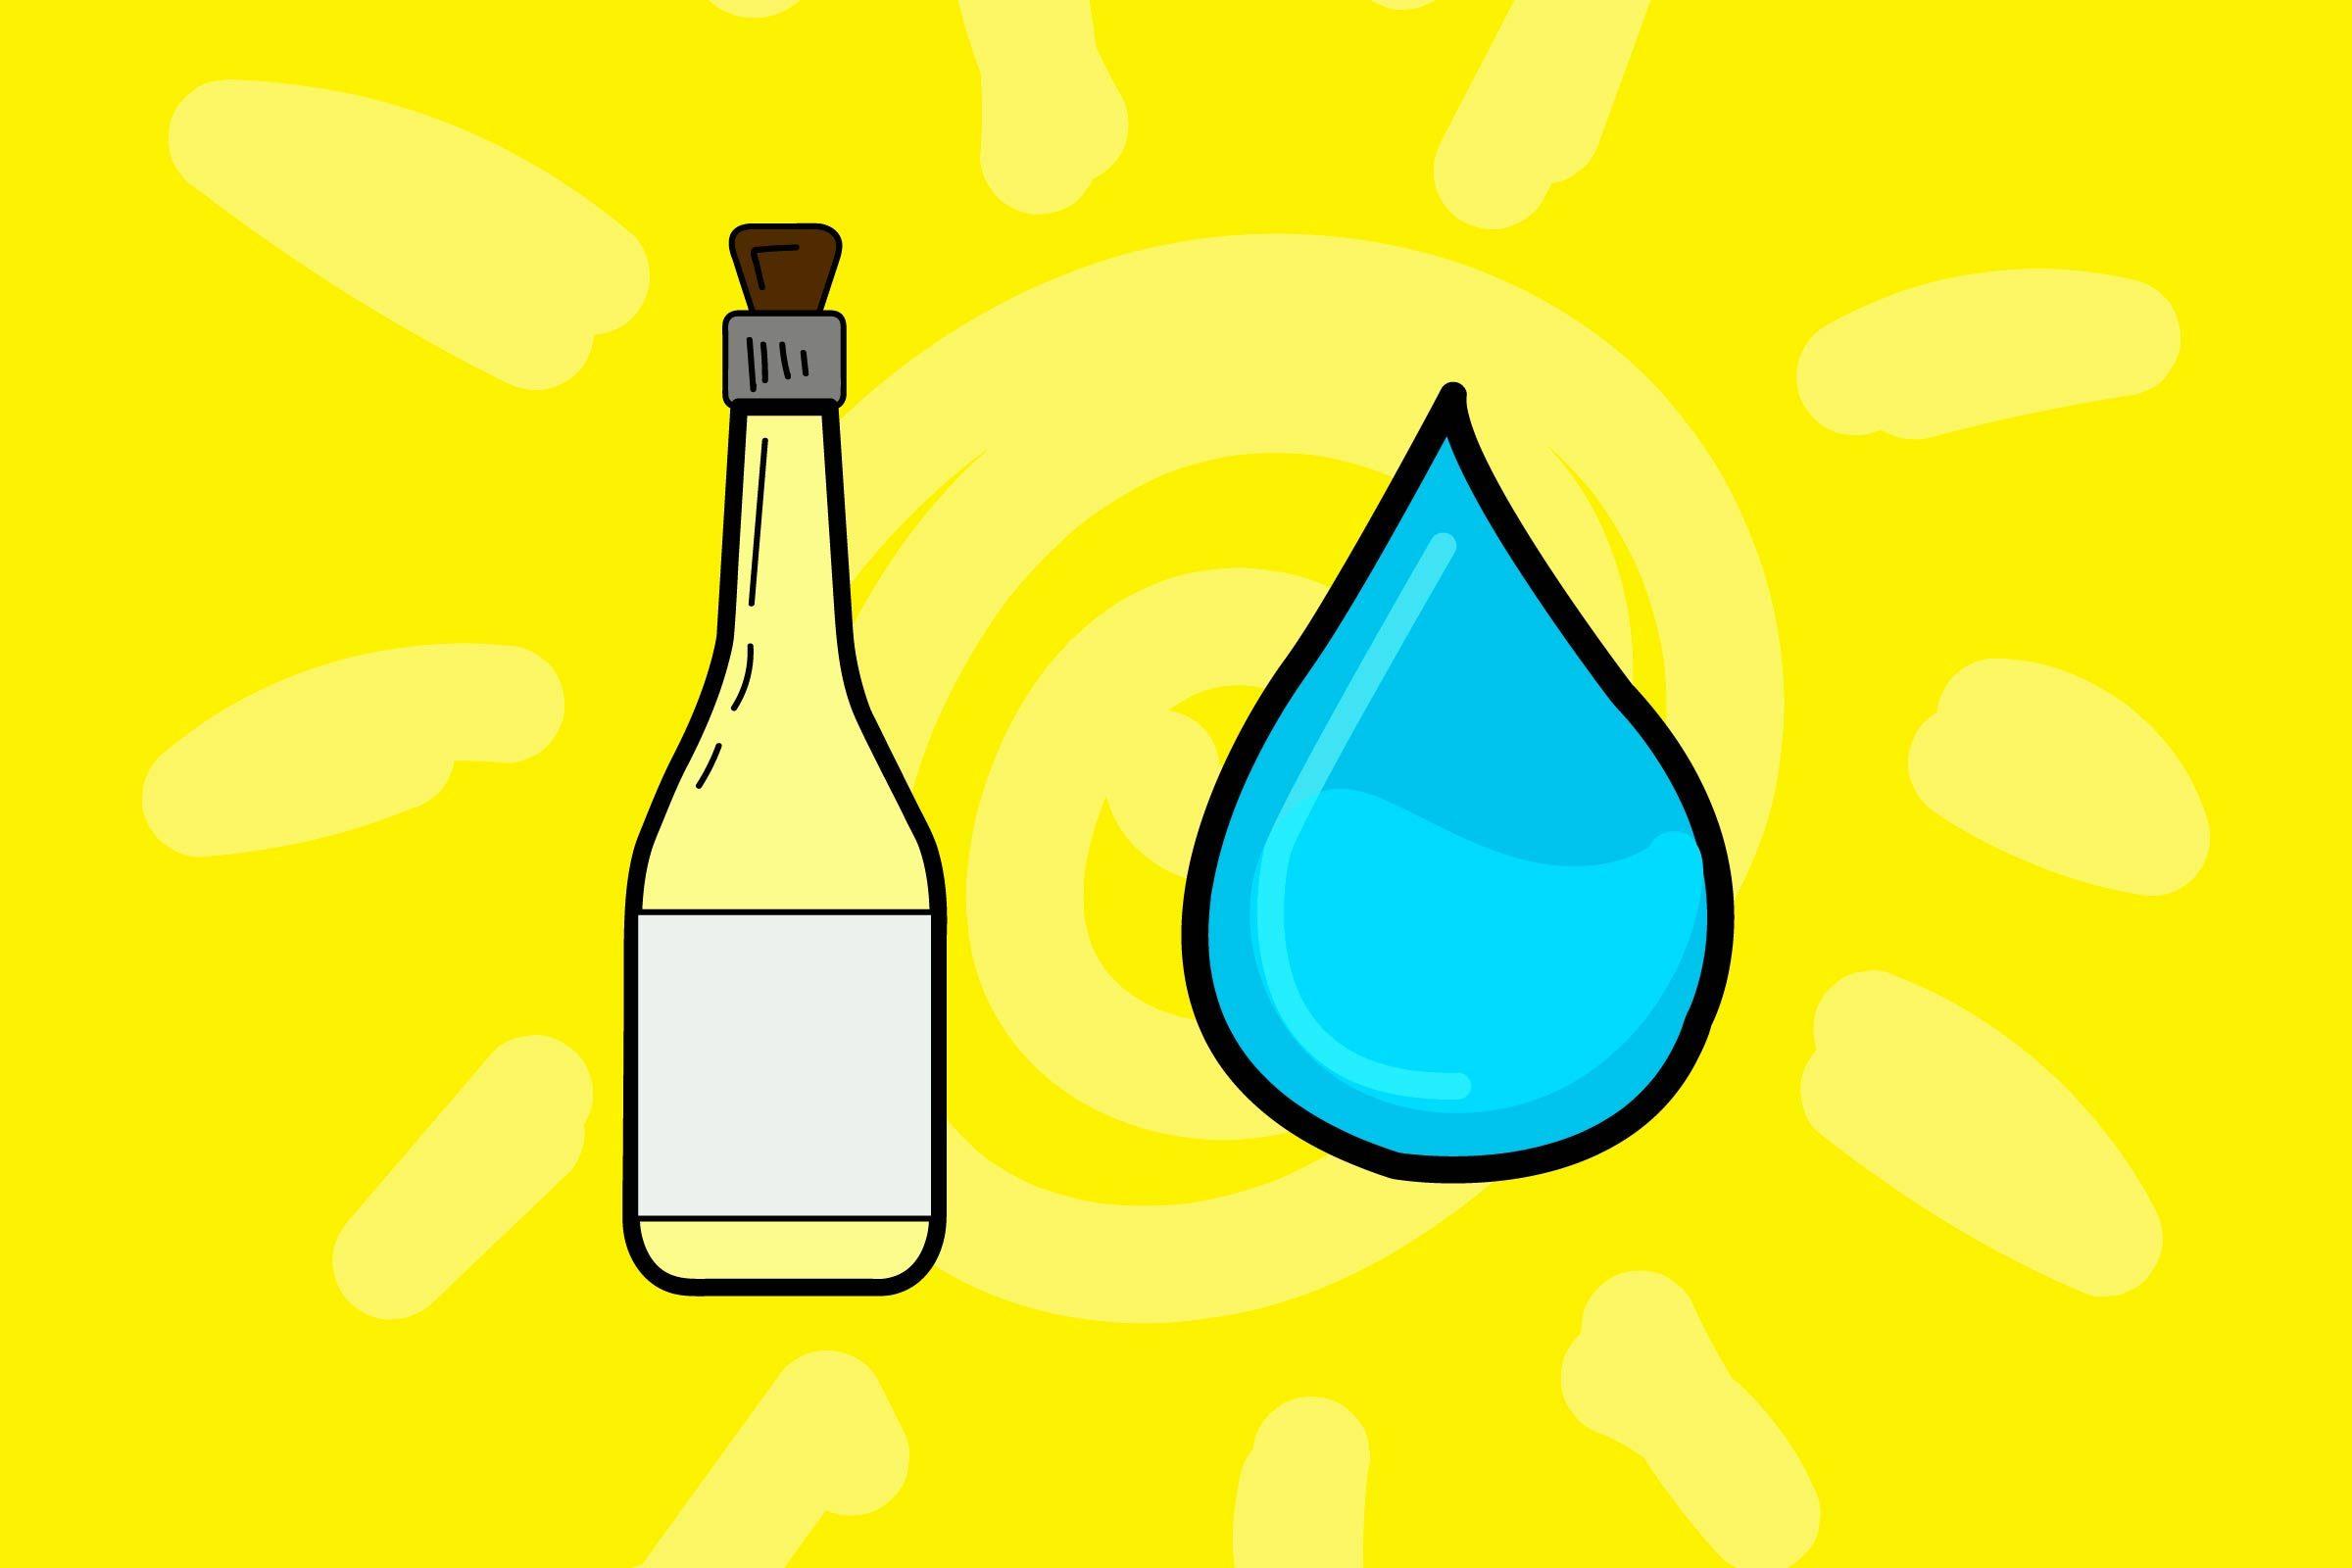 illustration of vinegar and bottle